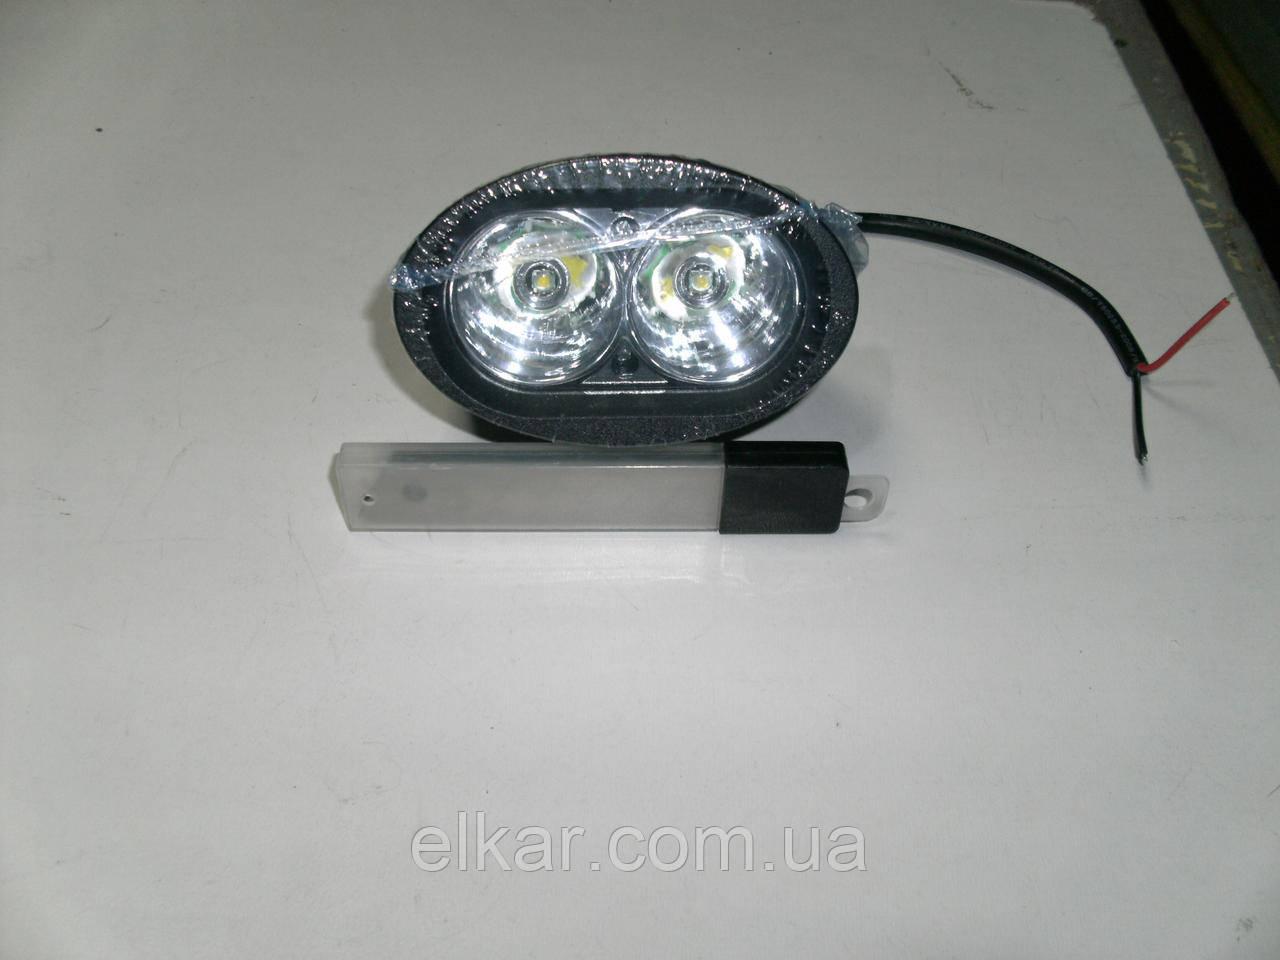 Фара додаткова робоча універсальна кругла діодна 12-85 V (2 діода 20W) L 0020